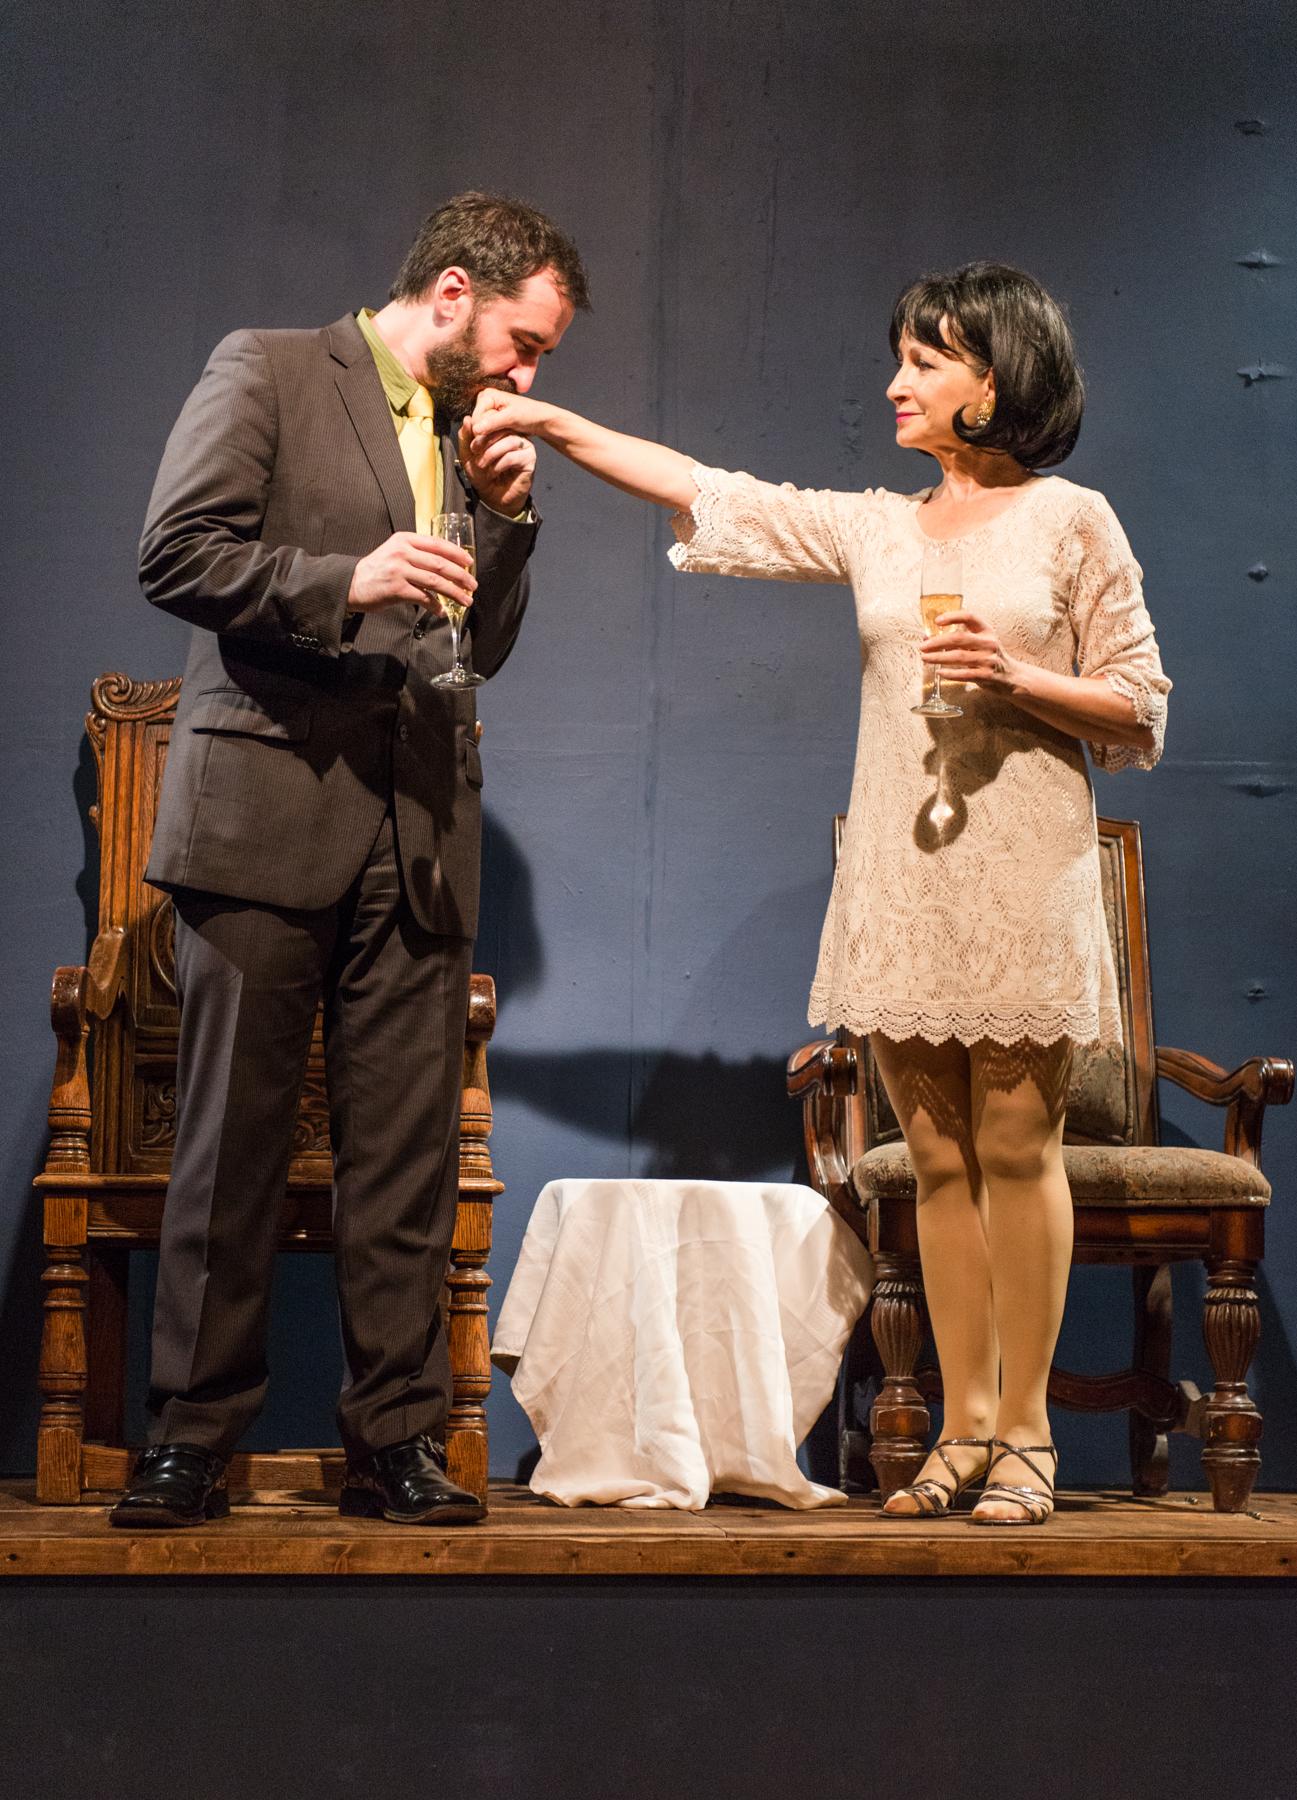 Gertrude in Hamlet, w Jason Wilson